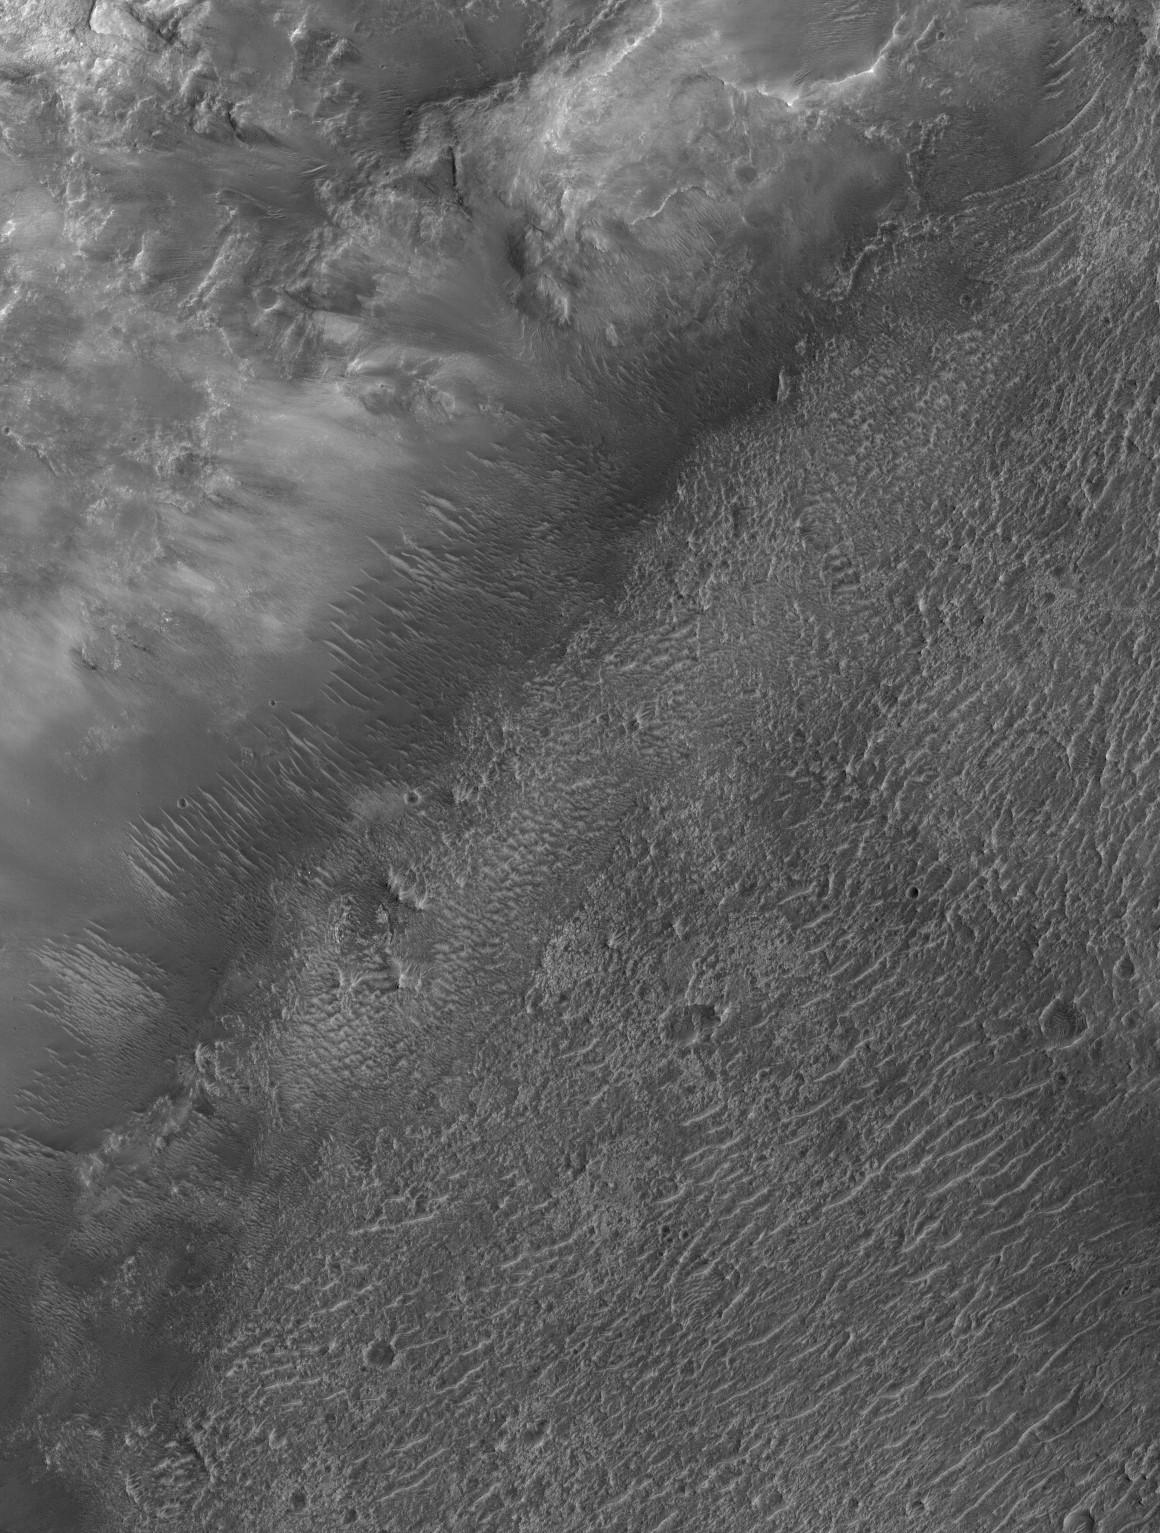 Paleolake candidate on Mars. Image credit: HiRISE/ASU ESP_012541_1600